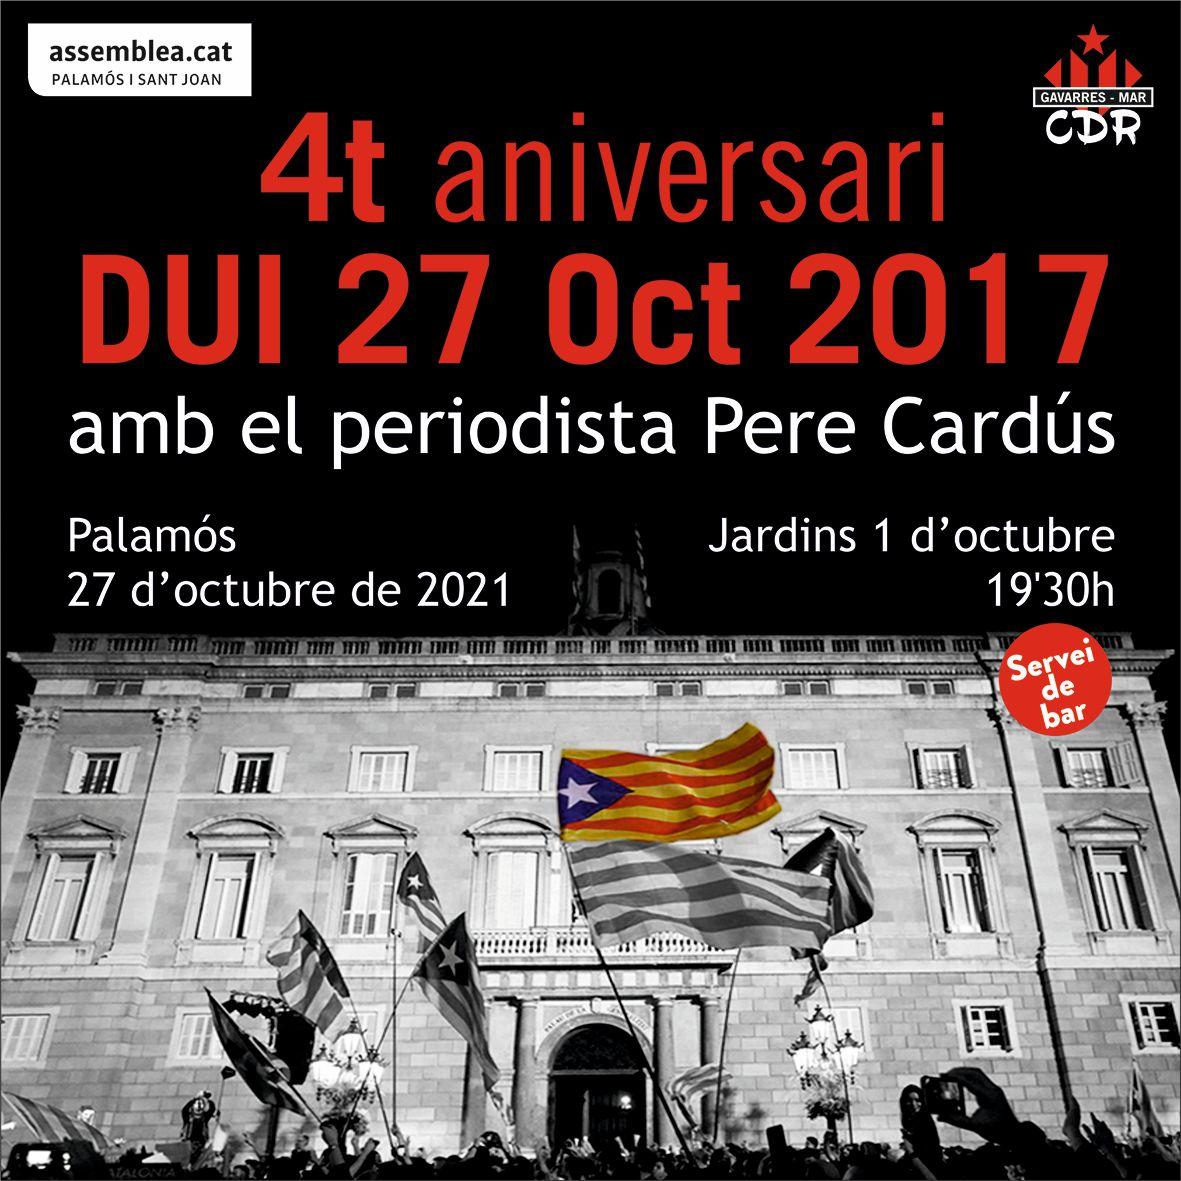 4t aniversari DUI 27 Oct 2017 amb el periodista Pere Cardús